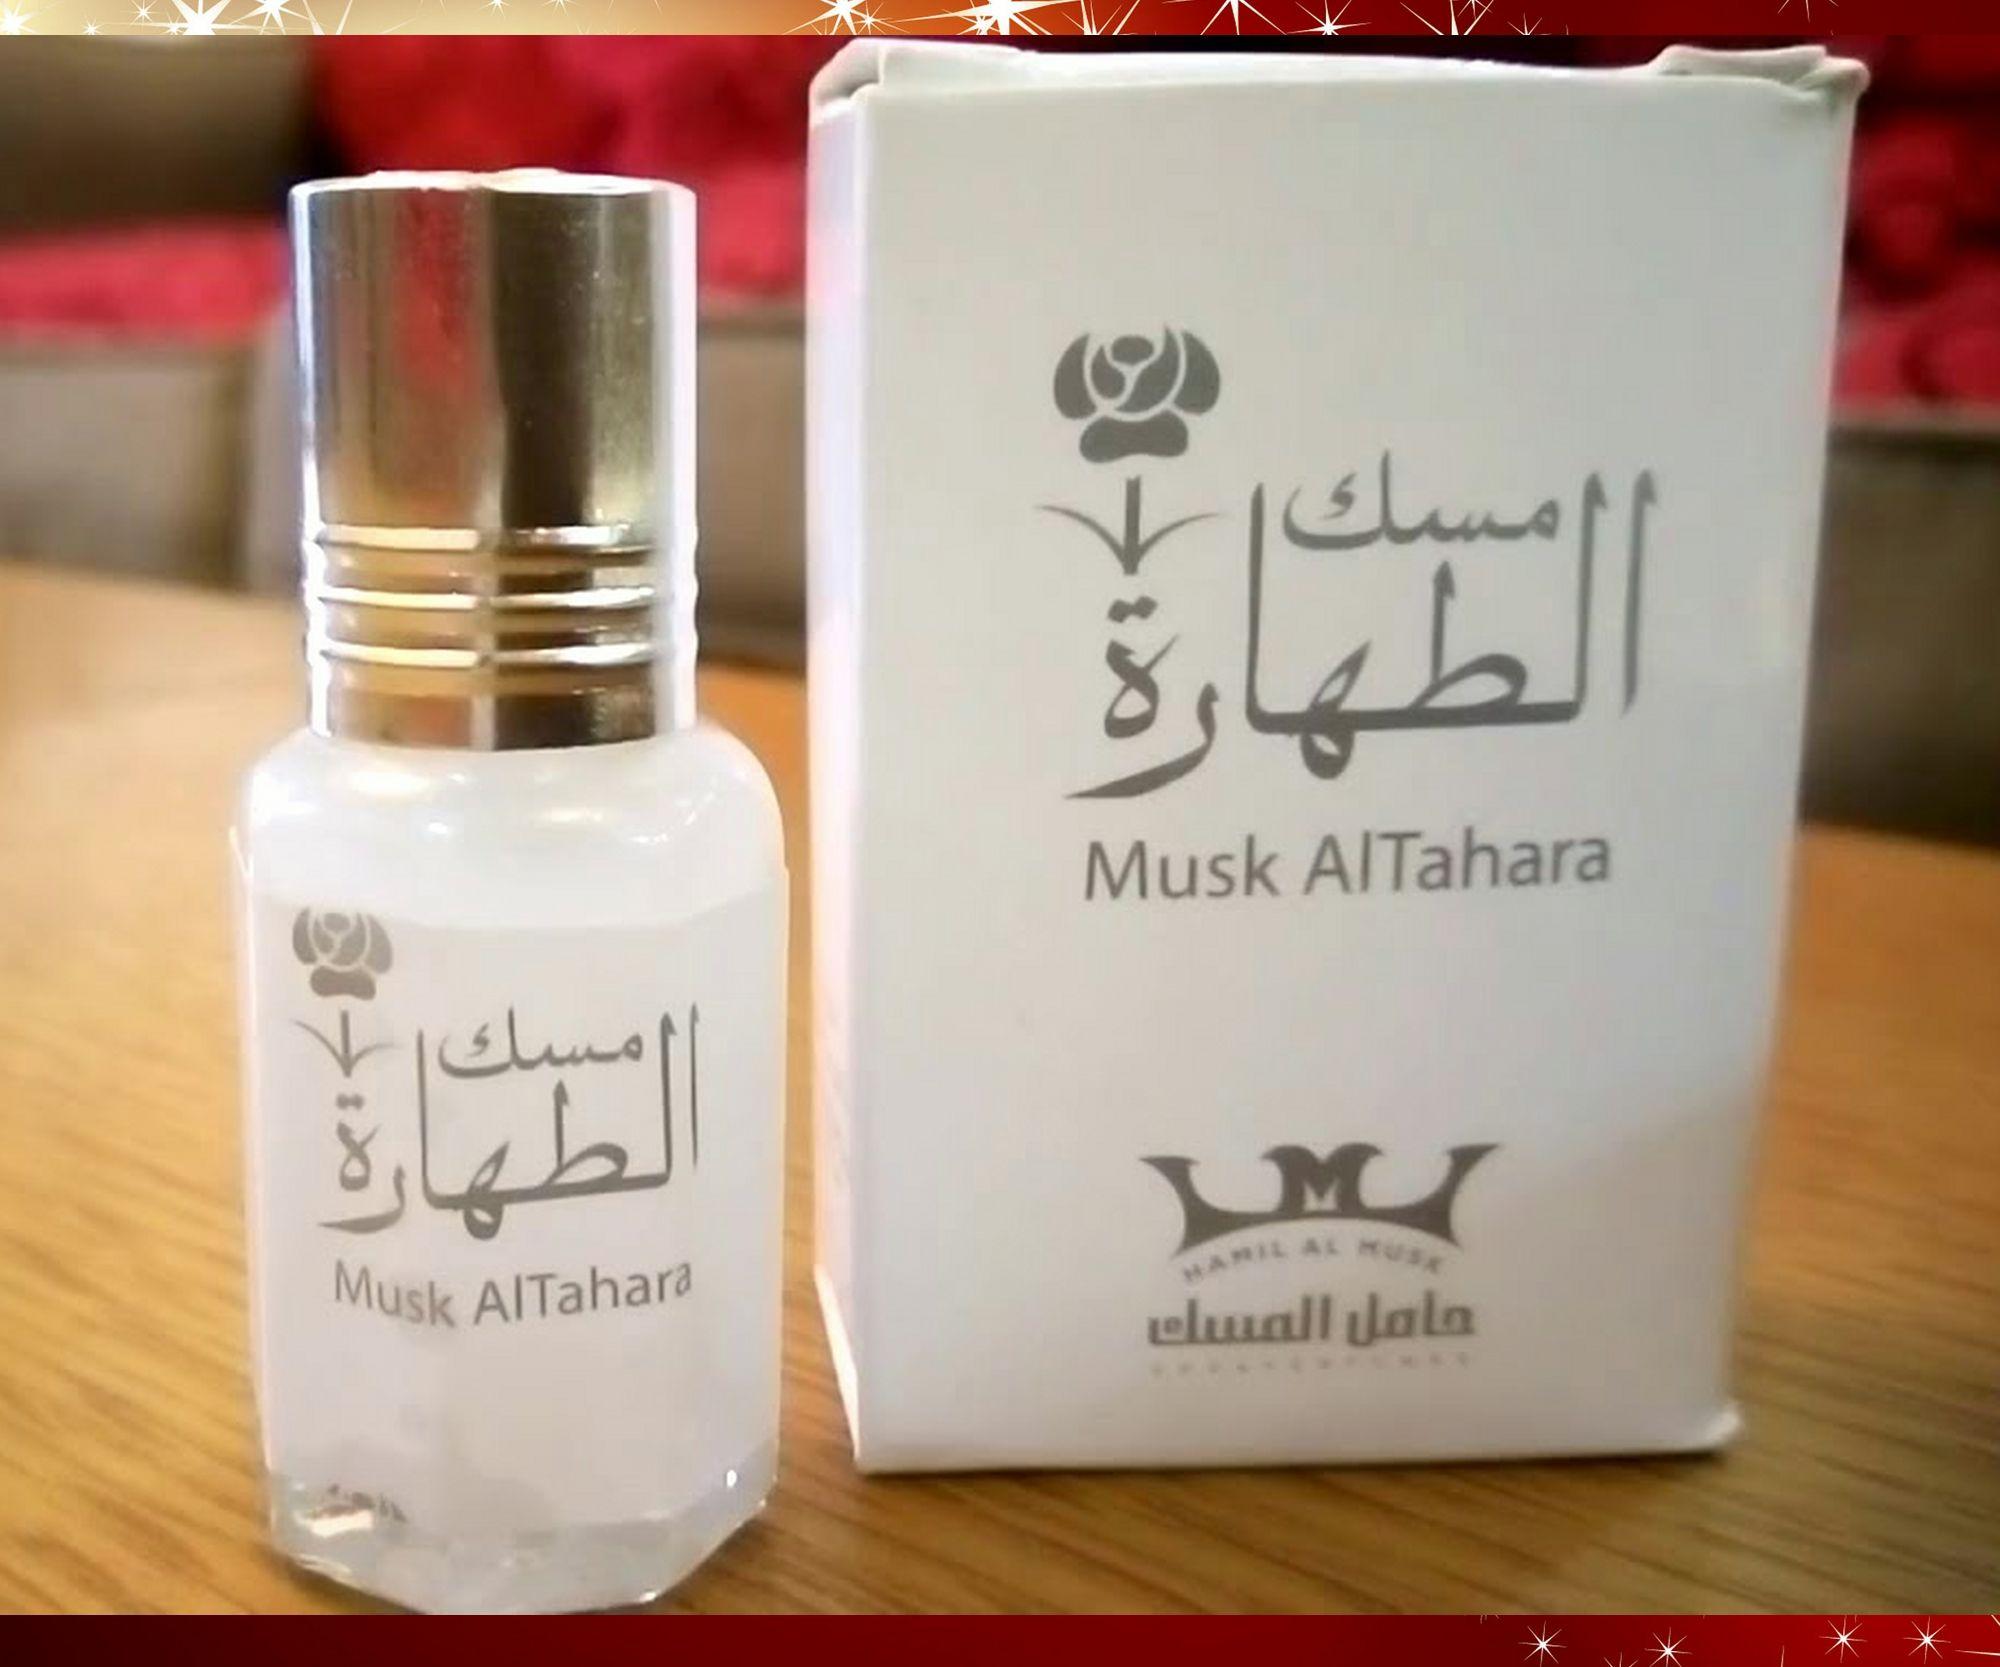 مسك الطهارة للبيع على الأنترنيت في المغرب In 2021 Perfume Bottles Perfume Bottle